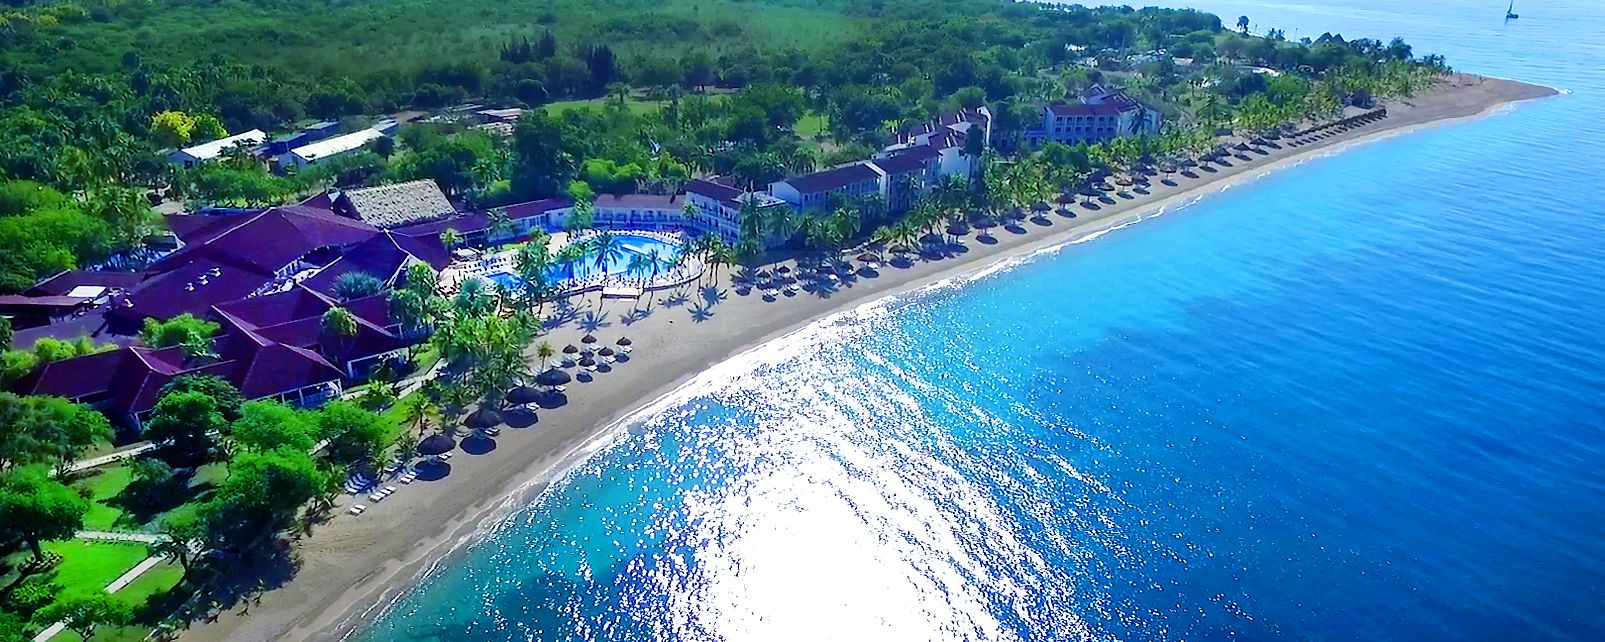 Hôtel Club Lookéa Magic Haïti / Indigo Beach Resort & Spa